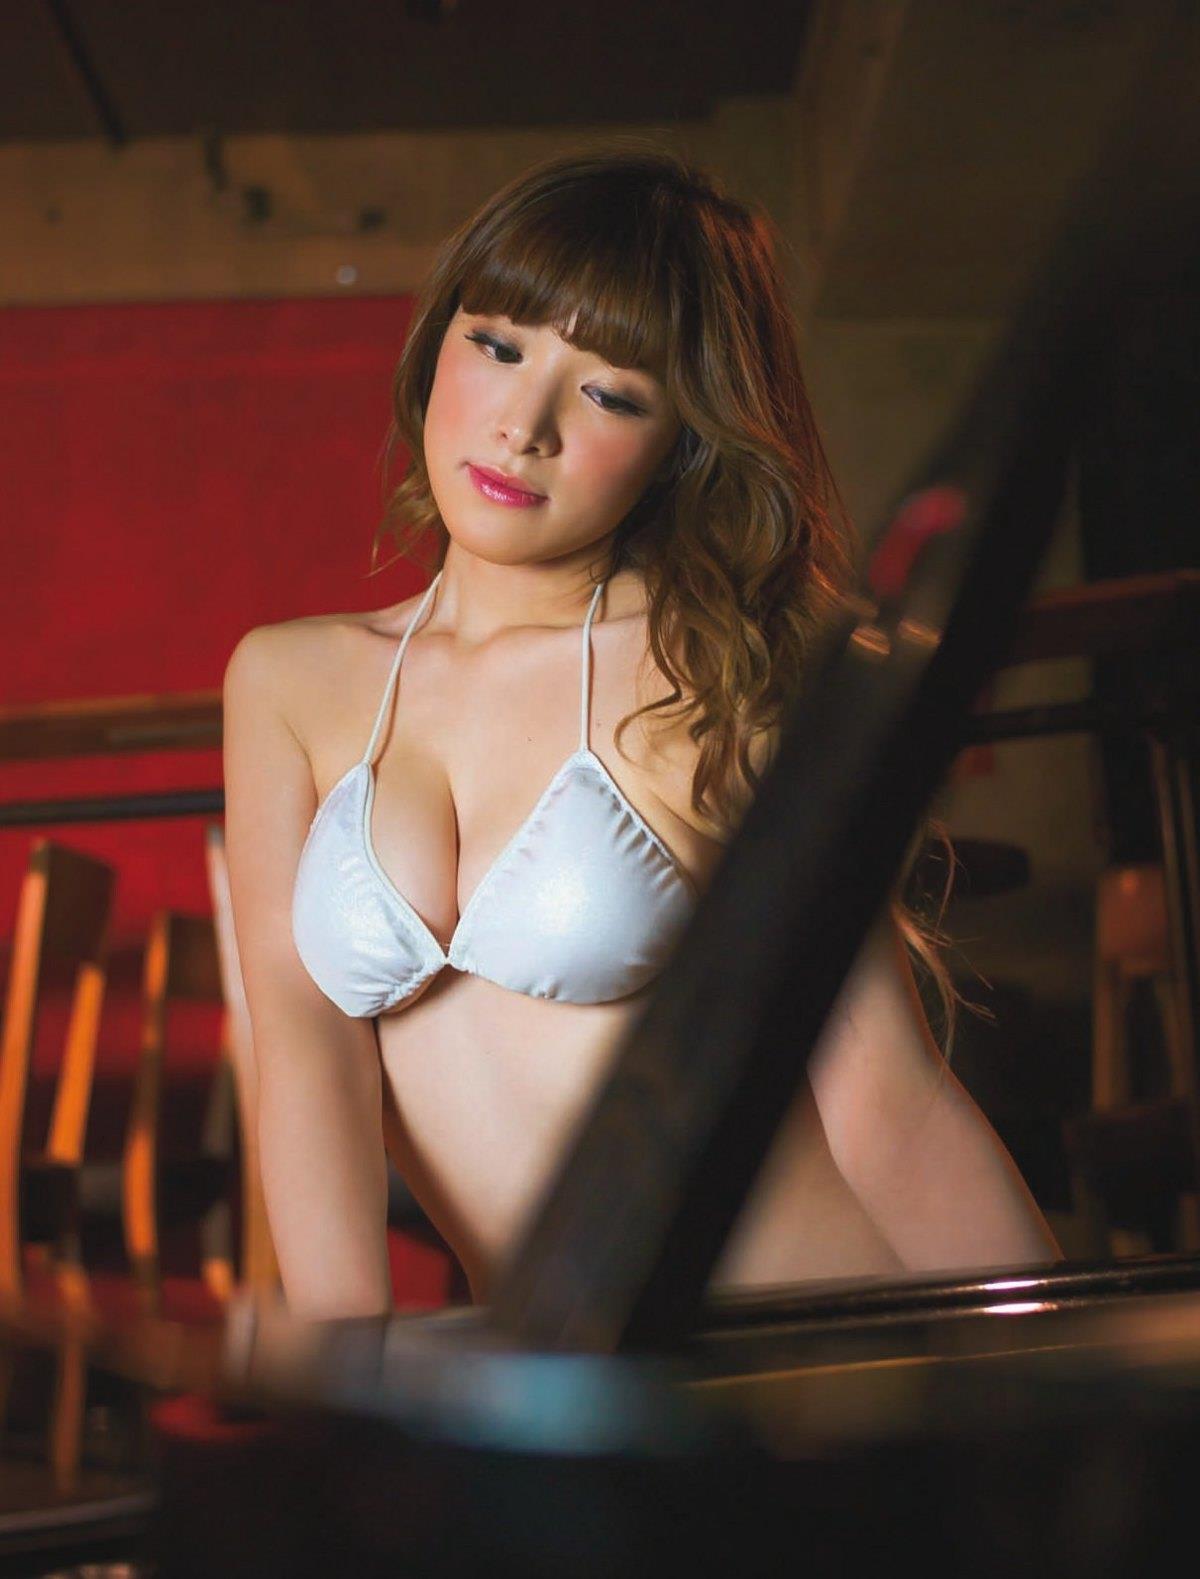 ピアニスト11